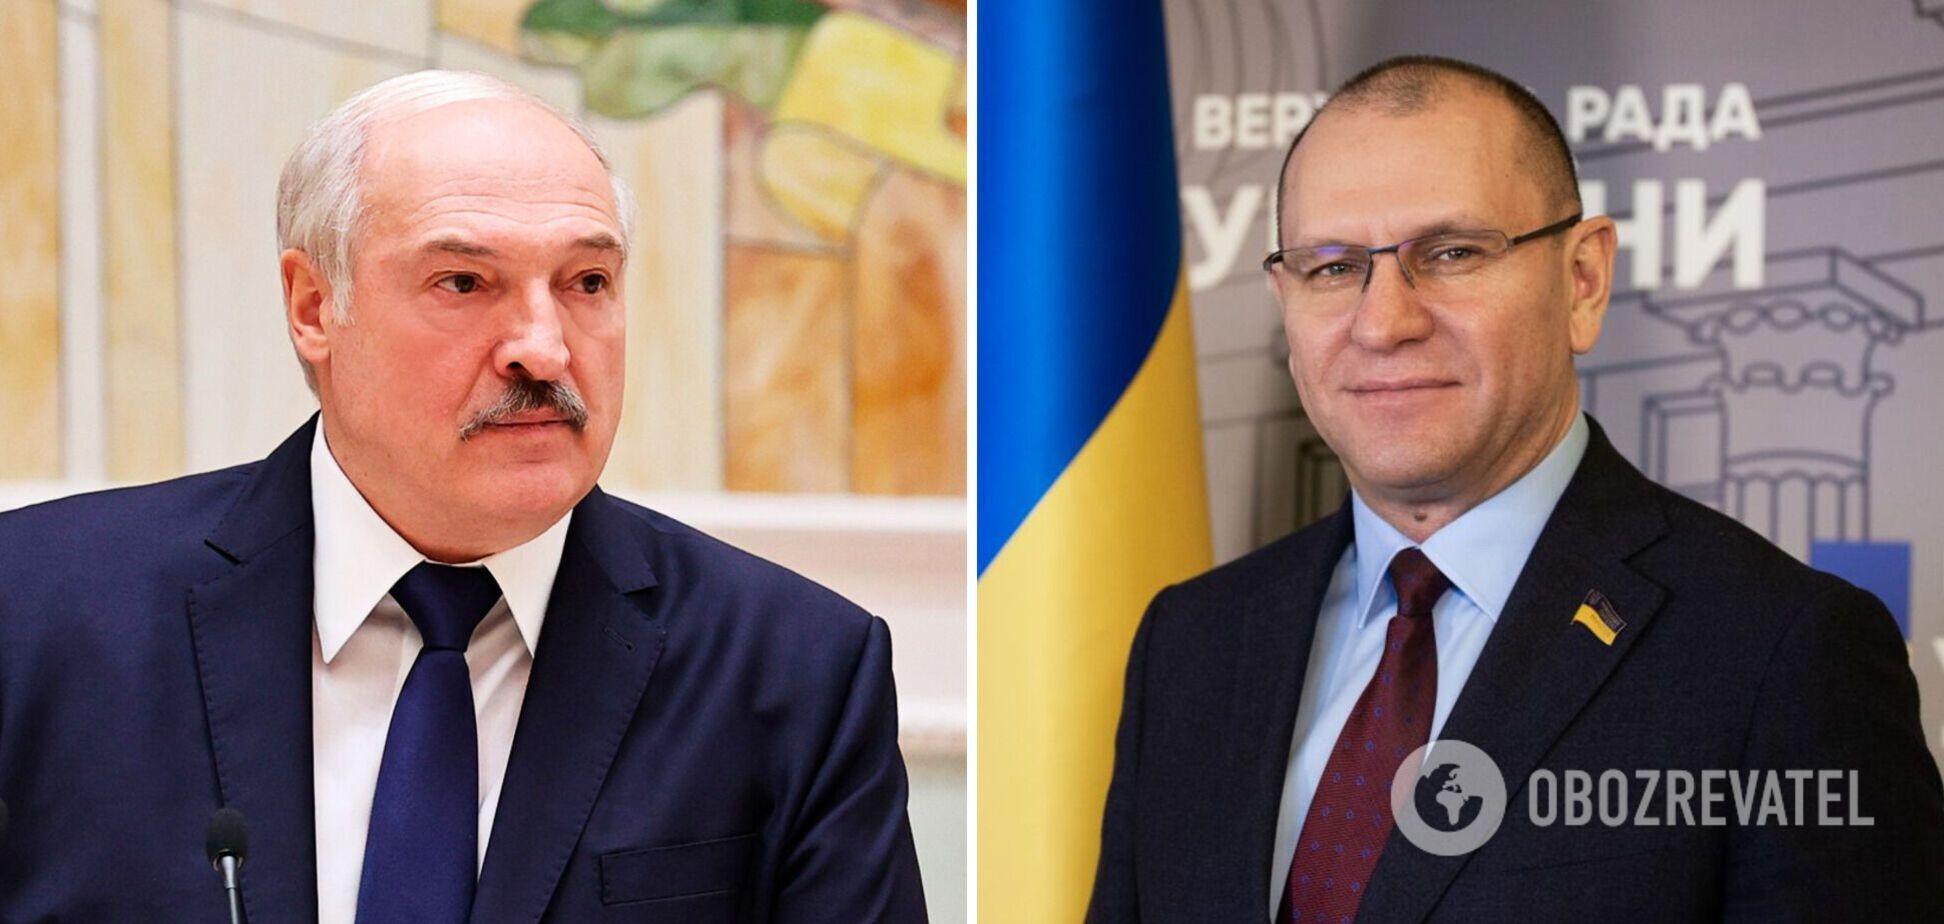 Шевченко – про зустріч із Лукашенком: я займаюся політикою, а не зашкварами в ресторанах, з повіями та мракобіссям